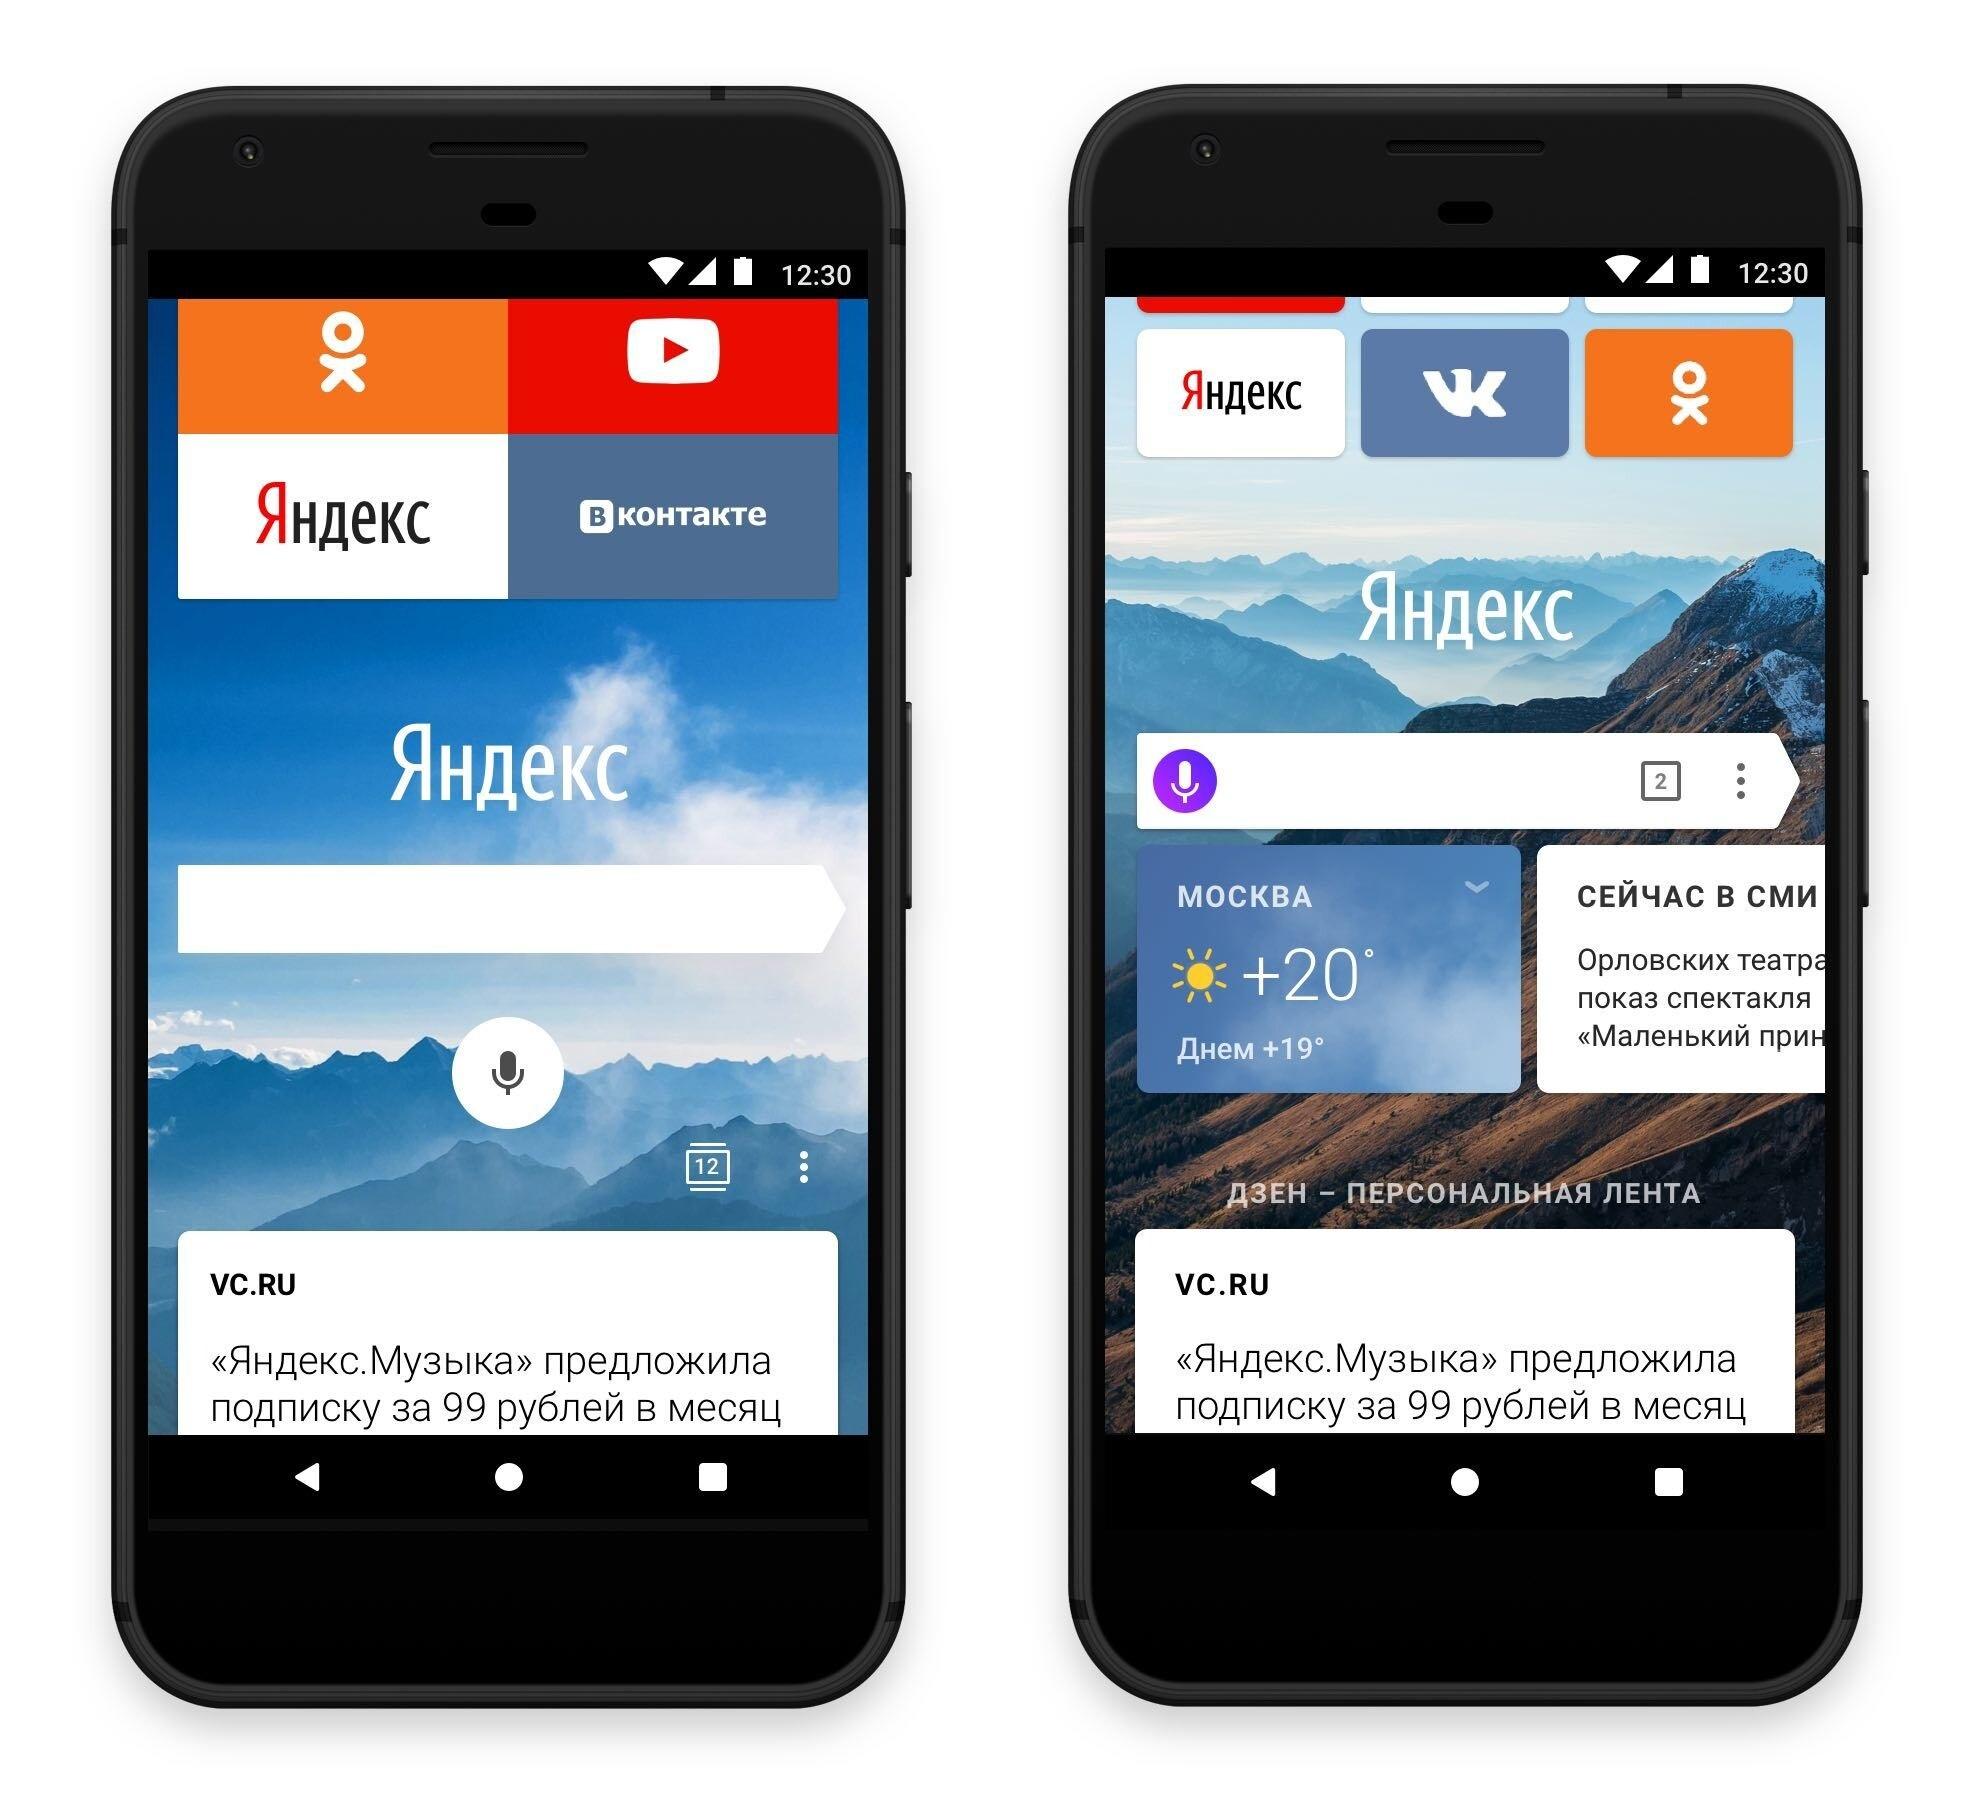 Ошибки, которых мы не совершили, или предыстория виджетов в «Яндекс.Браузере» для Android